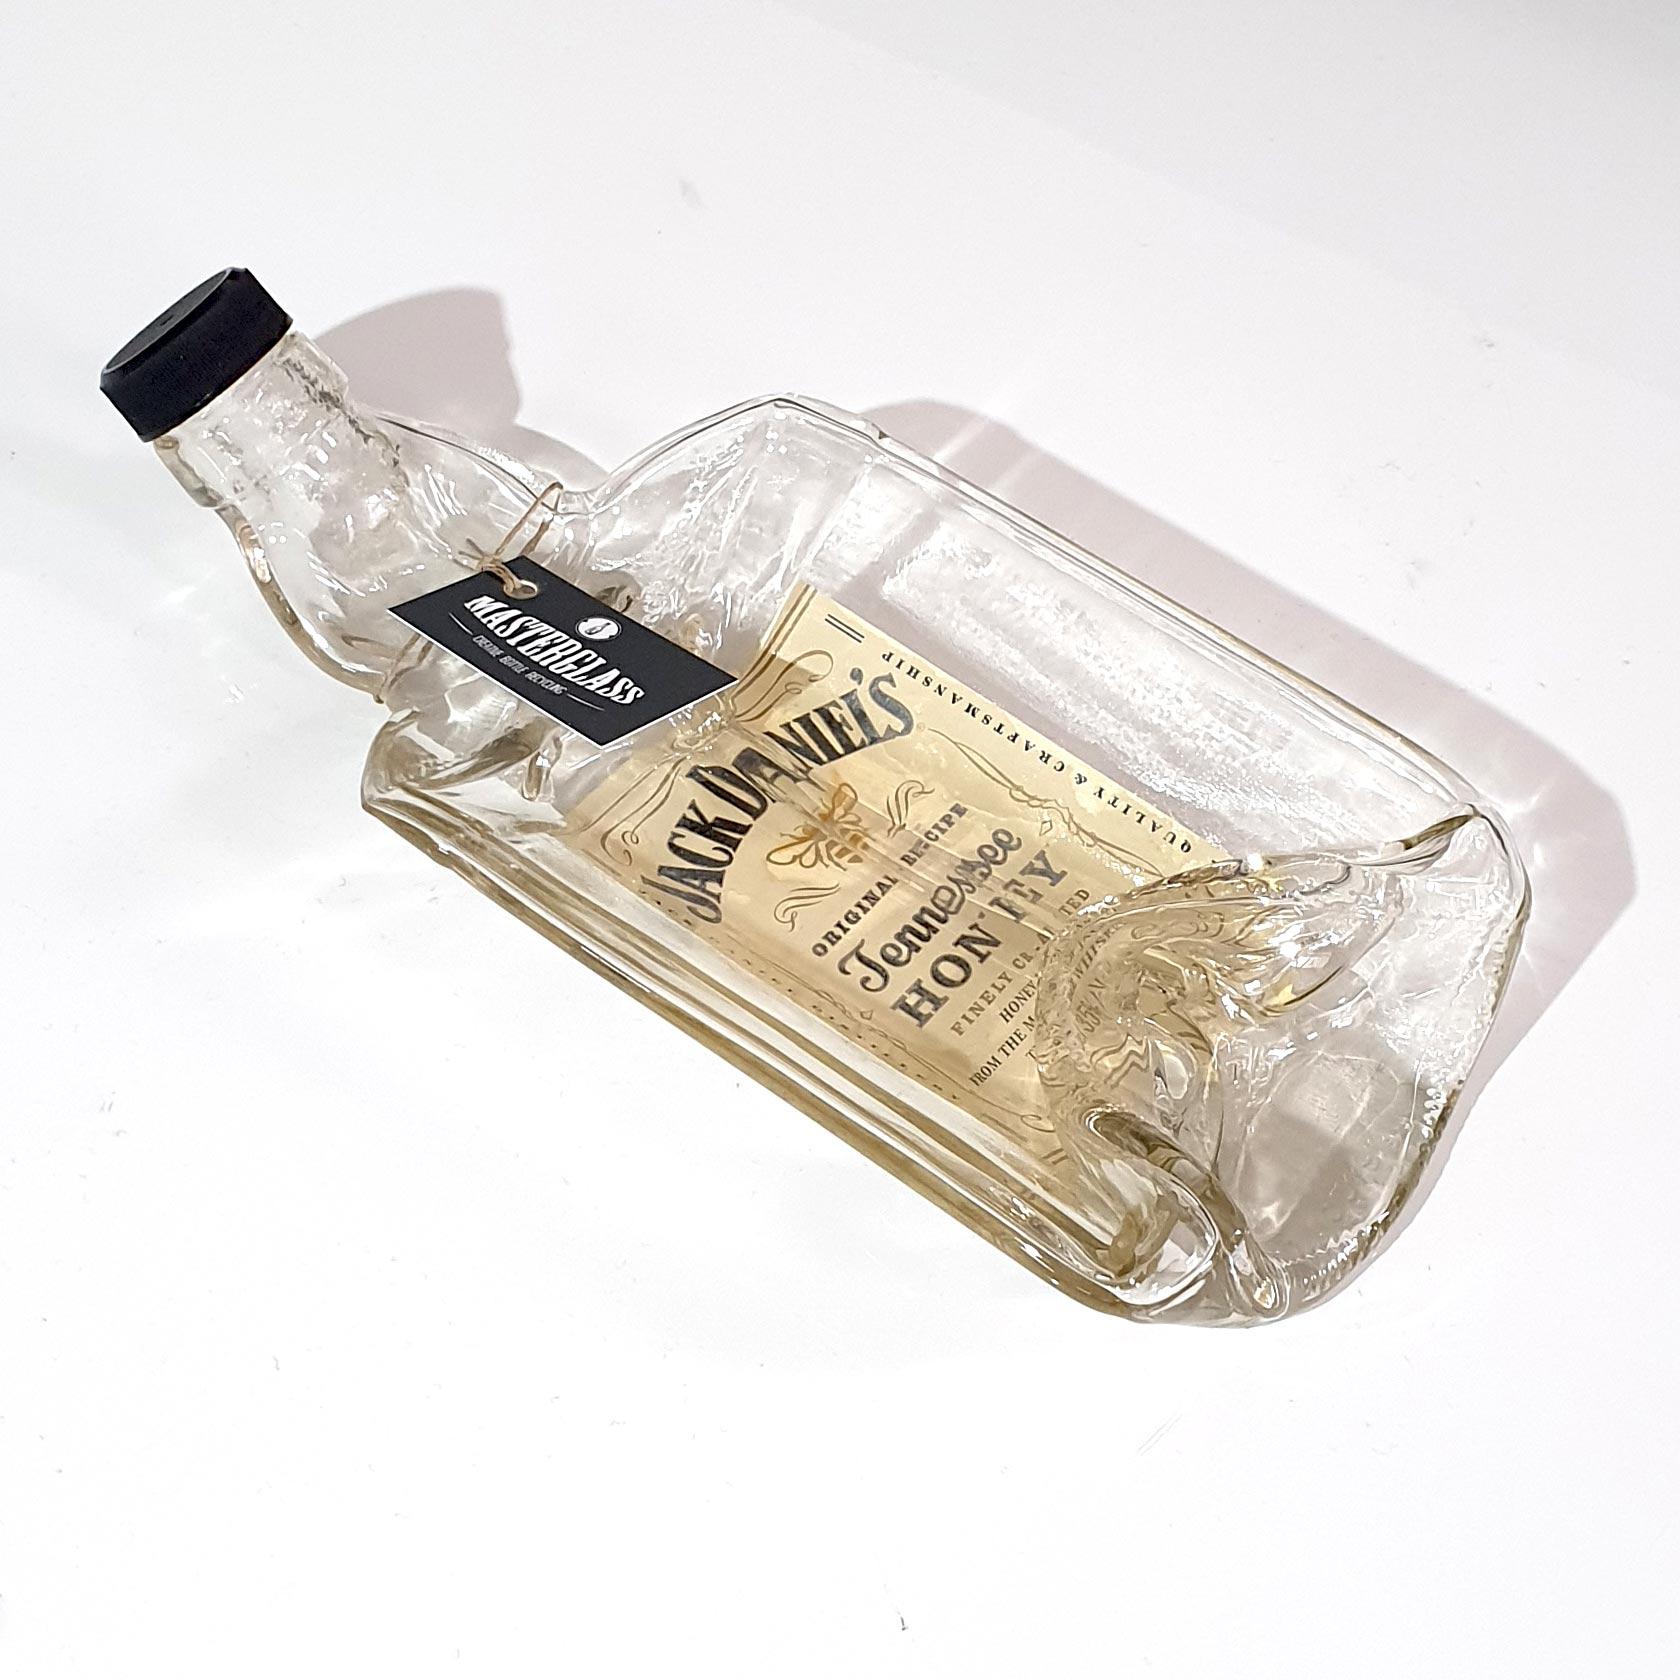 Tot borrelplank gesmolten fles Jack-Daniel's-Honey